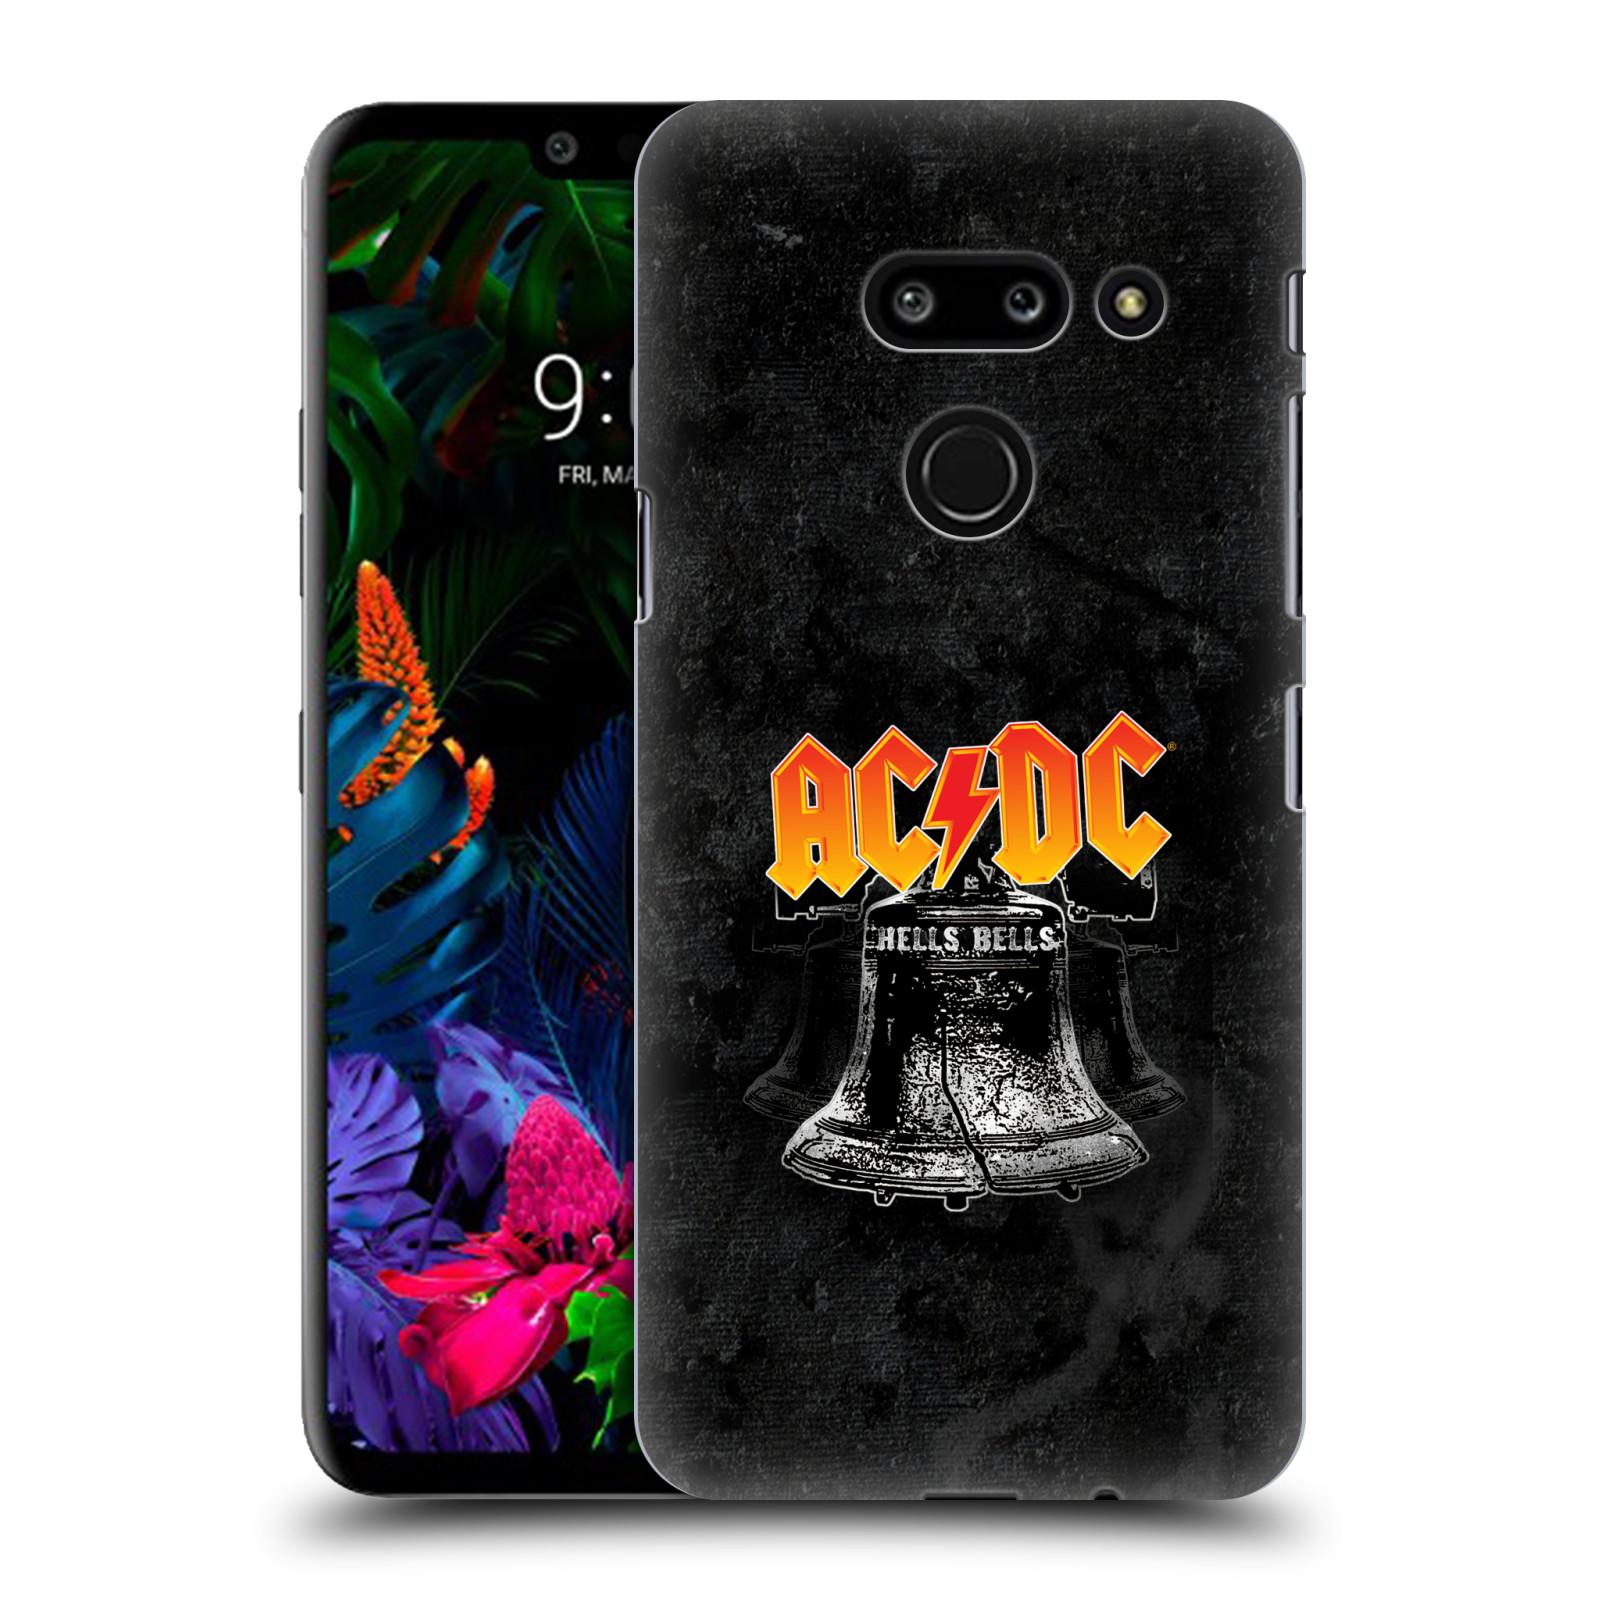 Plastové pouzdro na mobil LG G8 ThinQ - Head Case - AC/DC Hells Bells